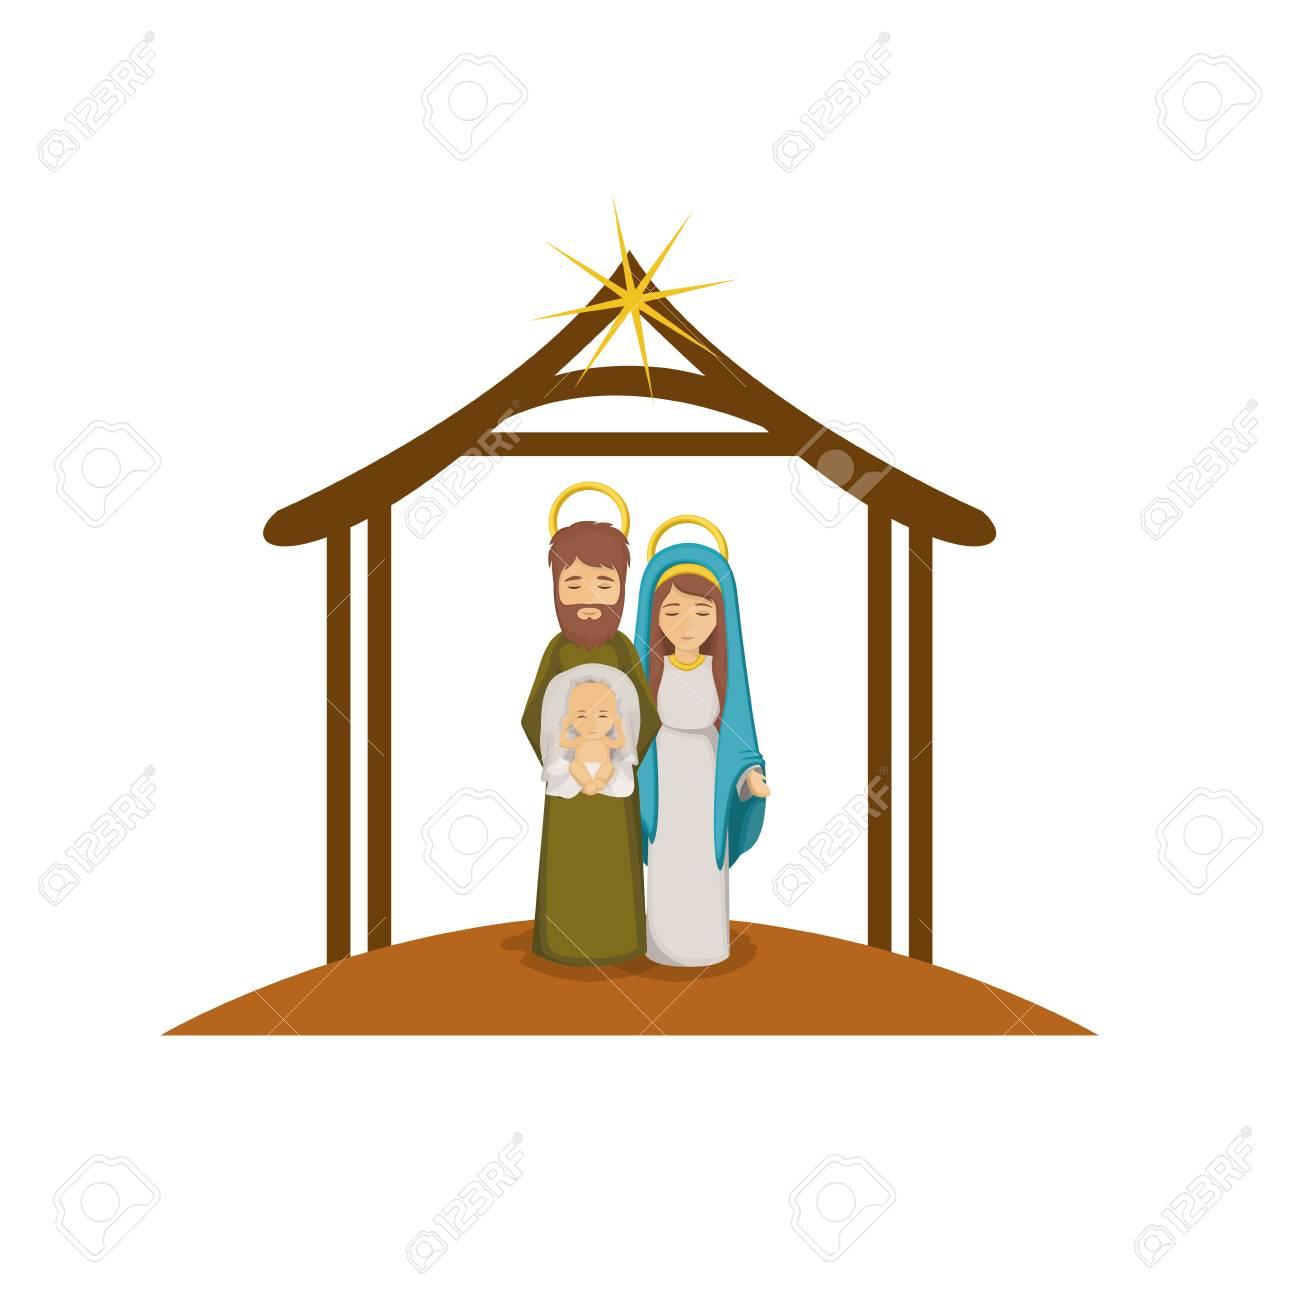 Dibujos De Navidad Con Jesus.Maria Jose Y El Nino Jesus Icono De Dibujos Animados Sagrada Familia Y El Tema De La Temporada De Navidad Feliz El Diseno Colorido Ilustracion